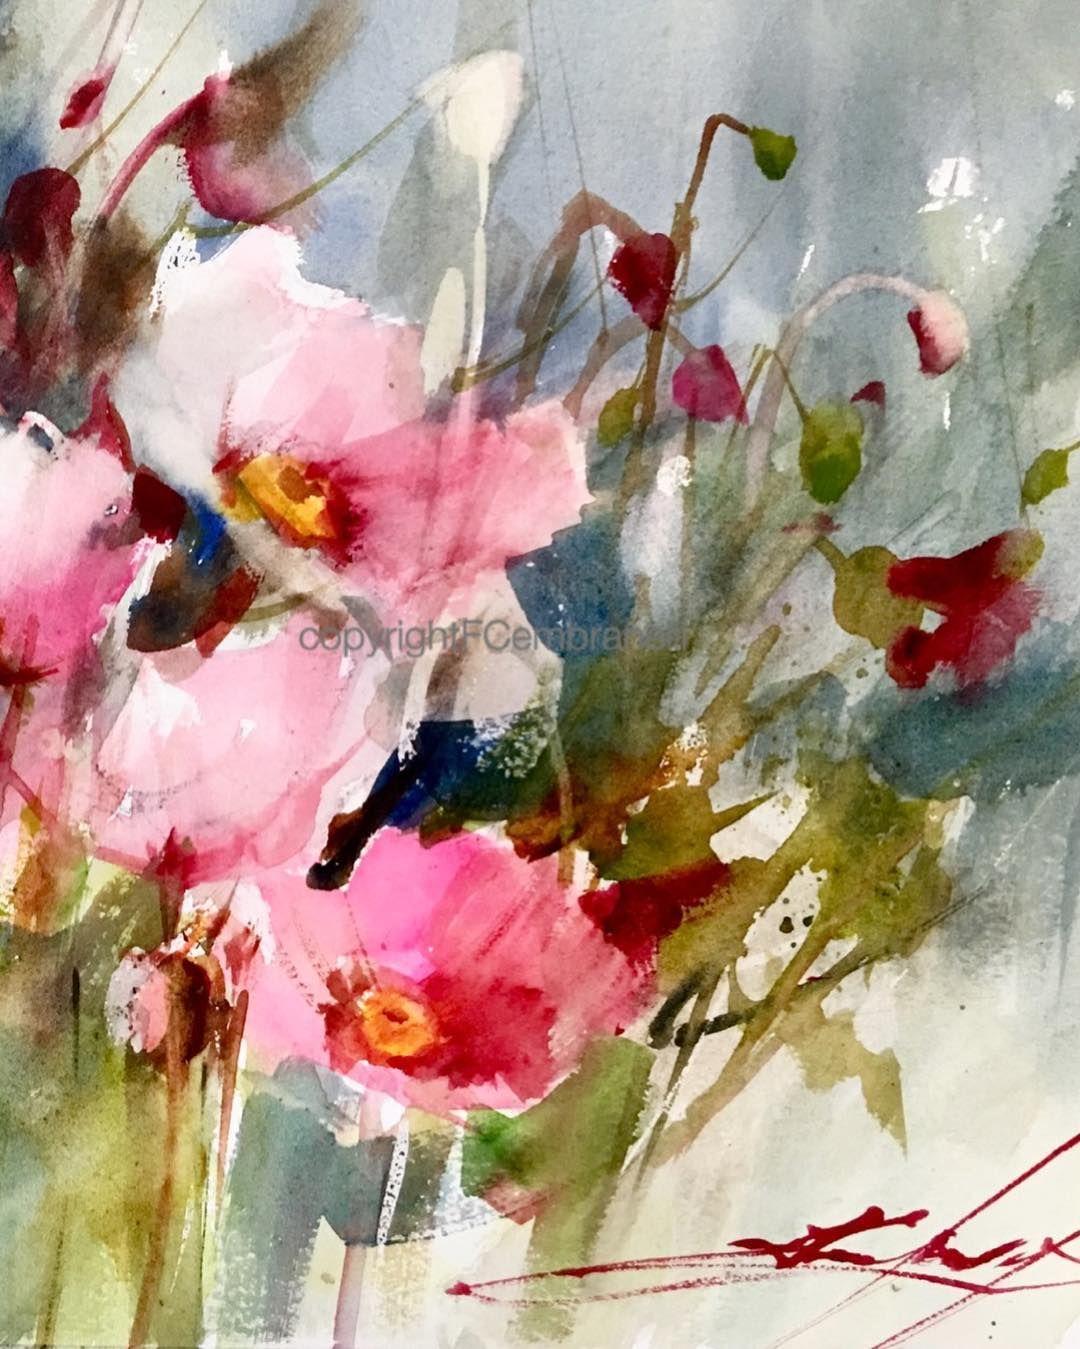 Fabio Cembranelli Acuarela Floral Flores Pintadas Arte De Acuarela